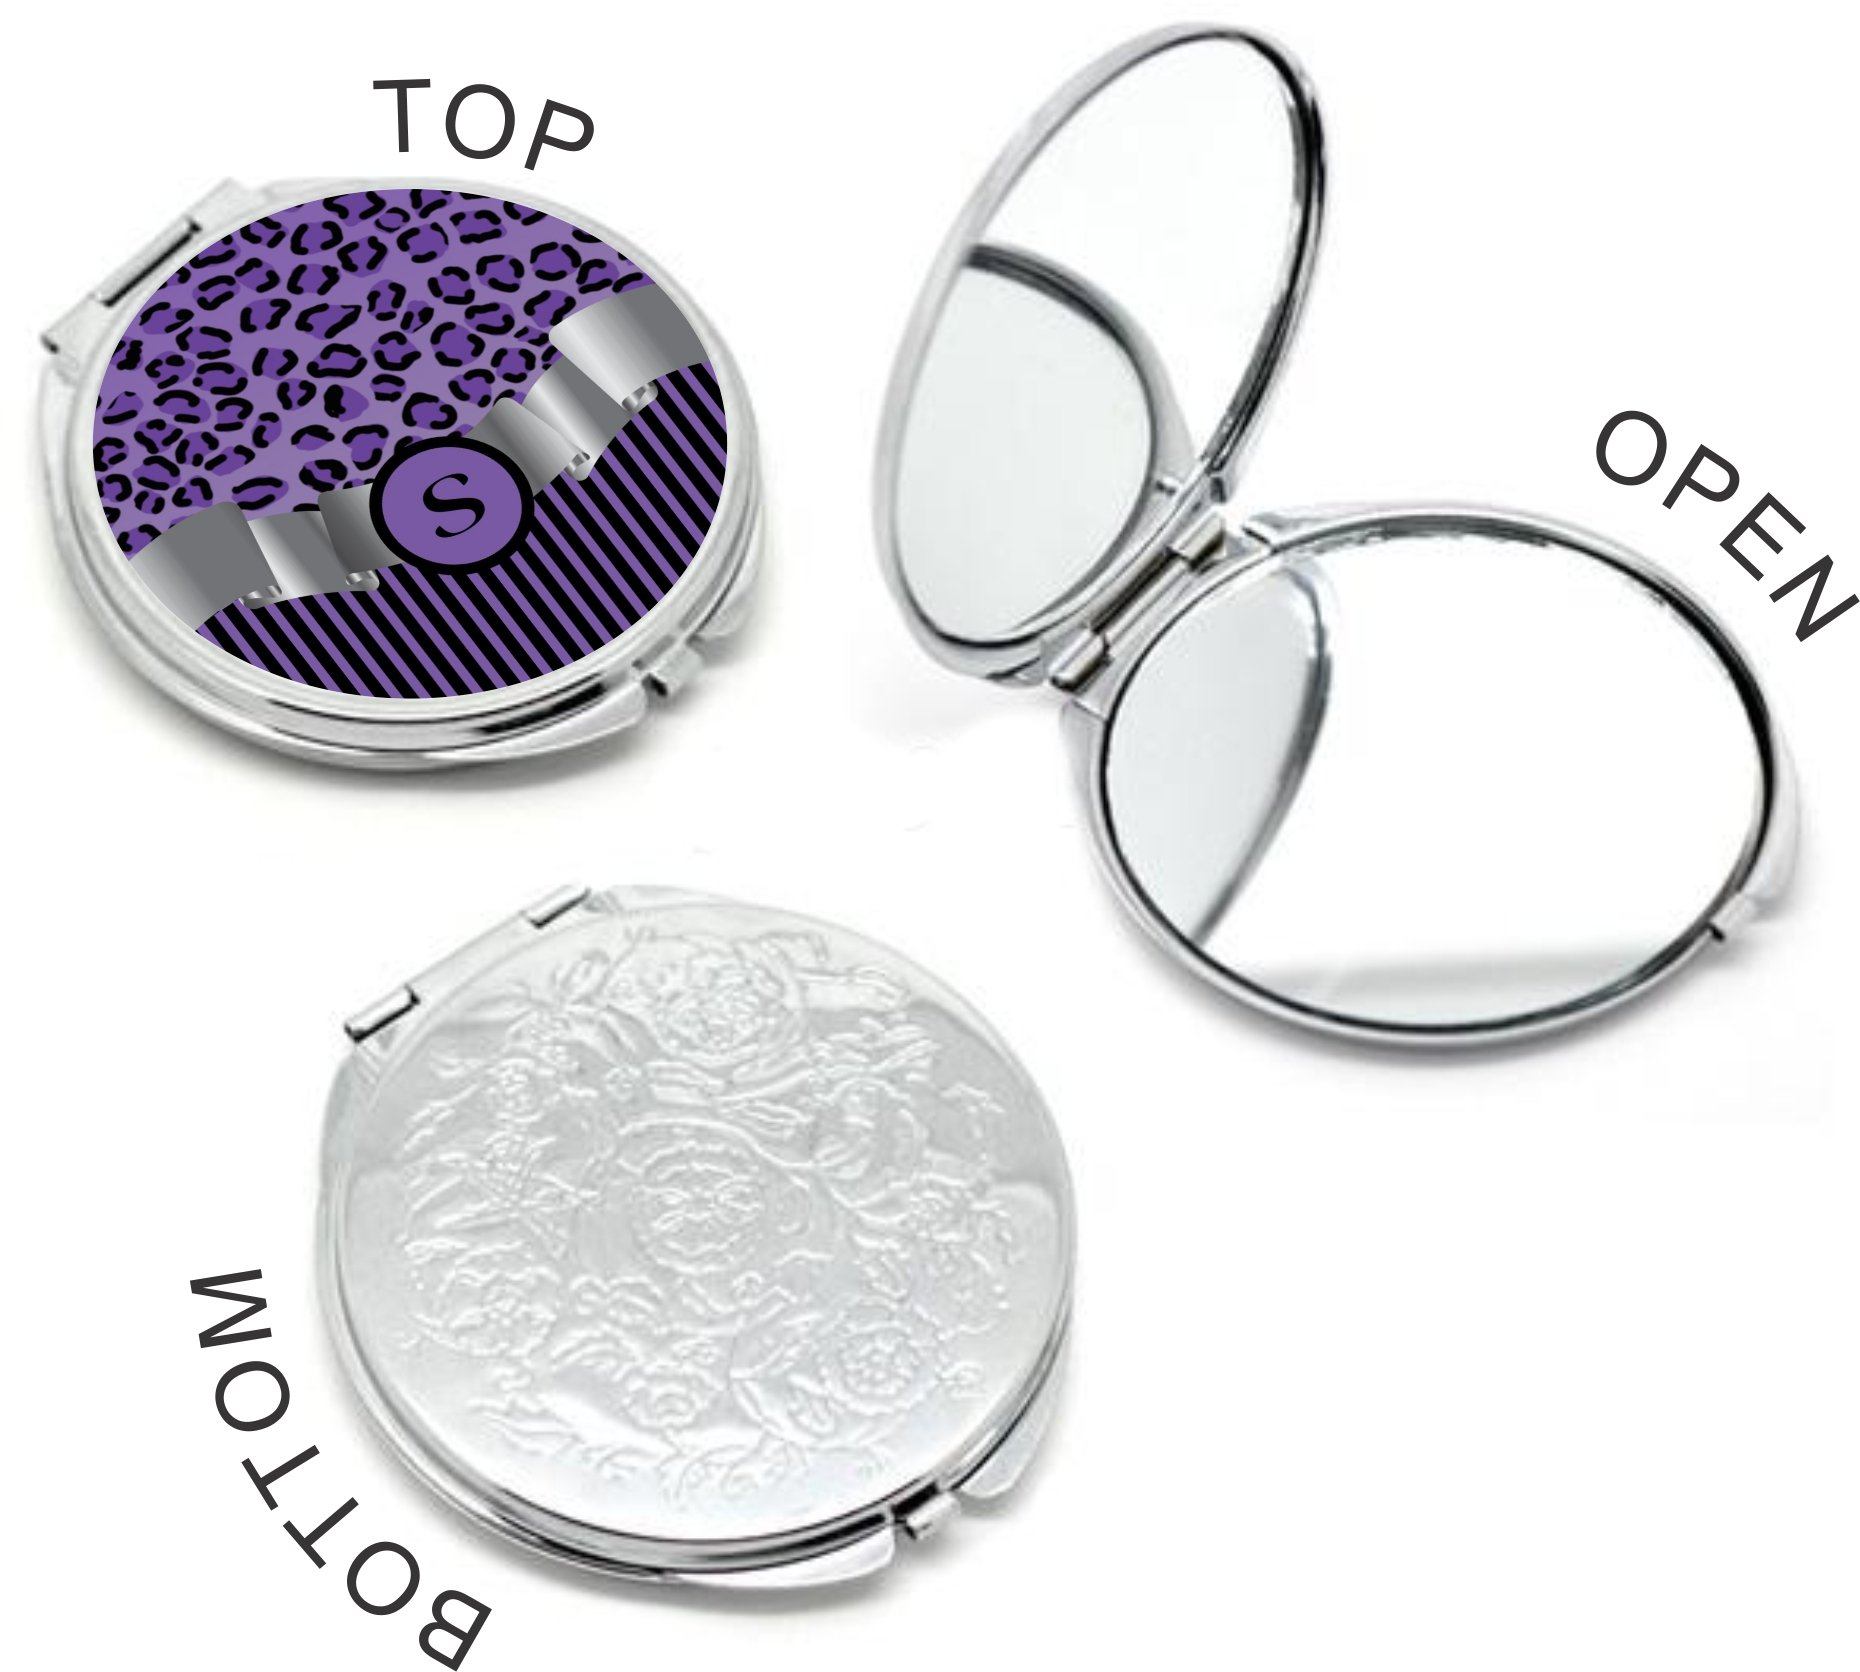 Rikki Knight Letter''S'' Purple Leopard Print Stripes Monogram Design Round Compact Mirror